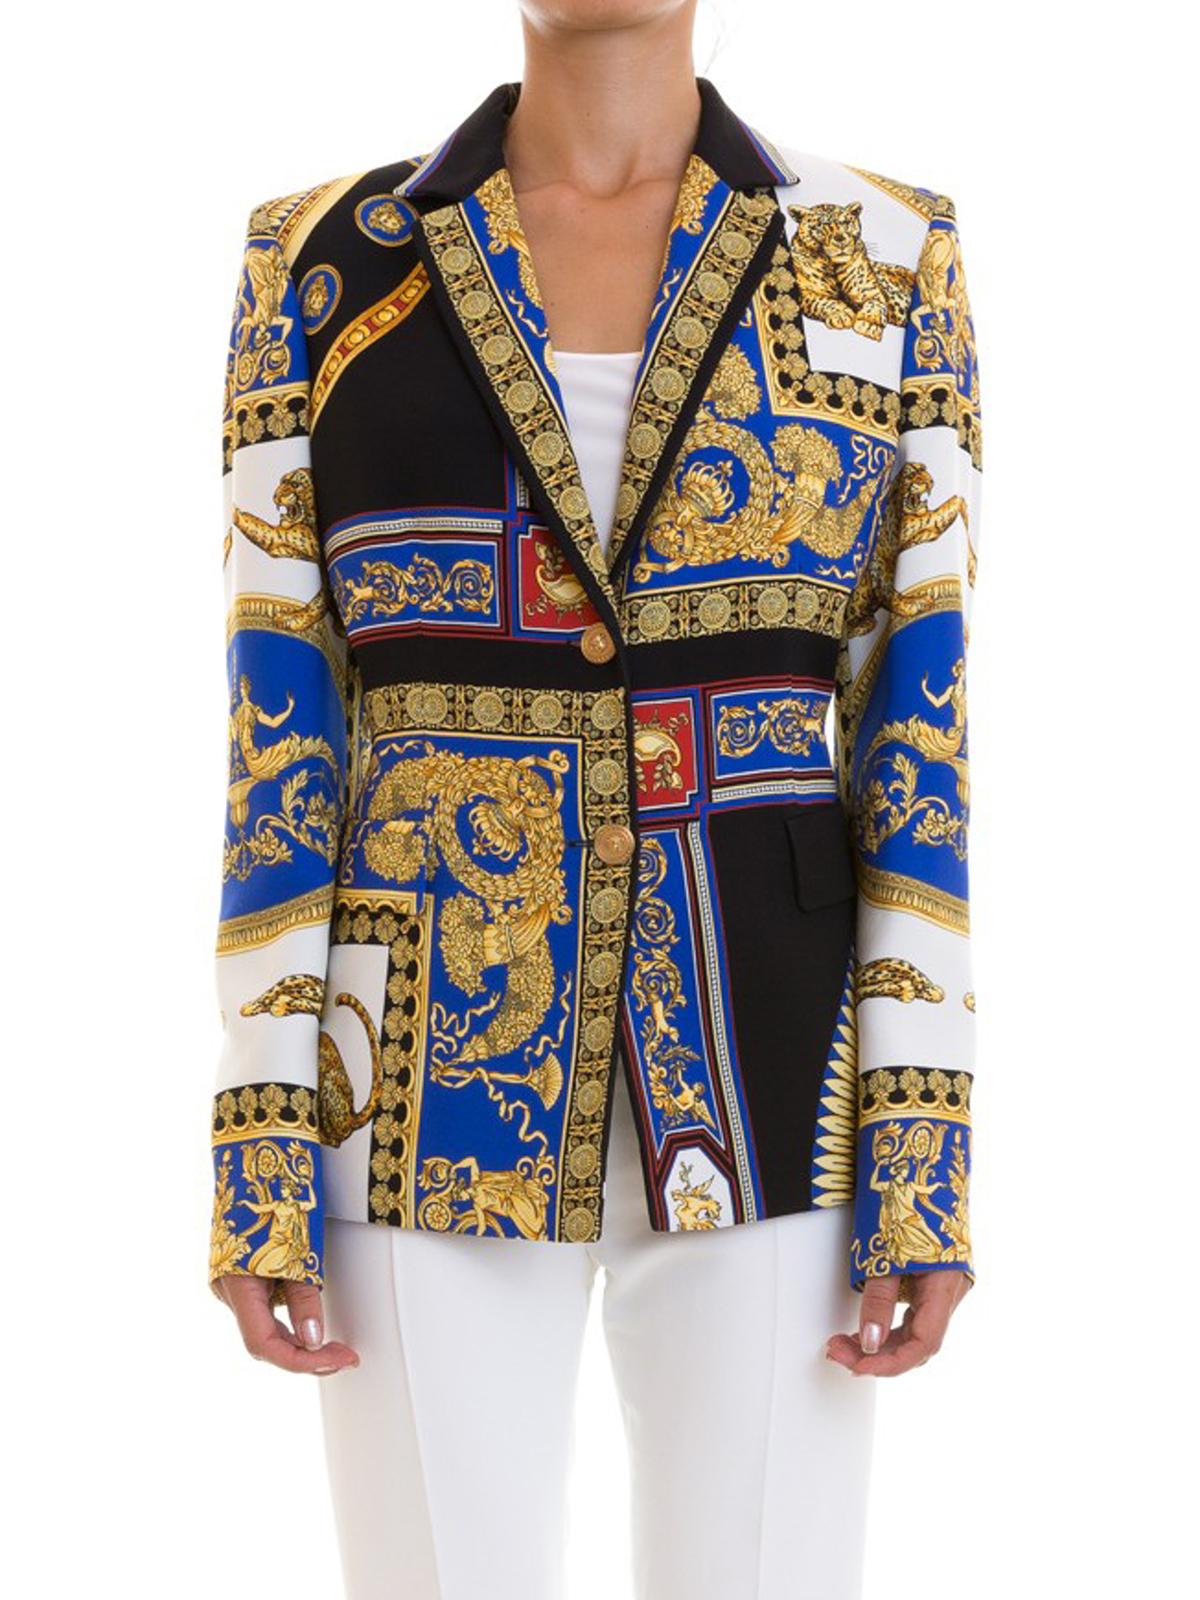 3cc068e8cb3c Sunglasses shop. Donna · Uomo. iKRIX VERSACE  giacche blazer - Blazer con stampa  barocca all-over